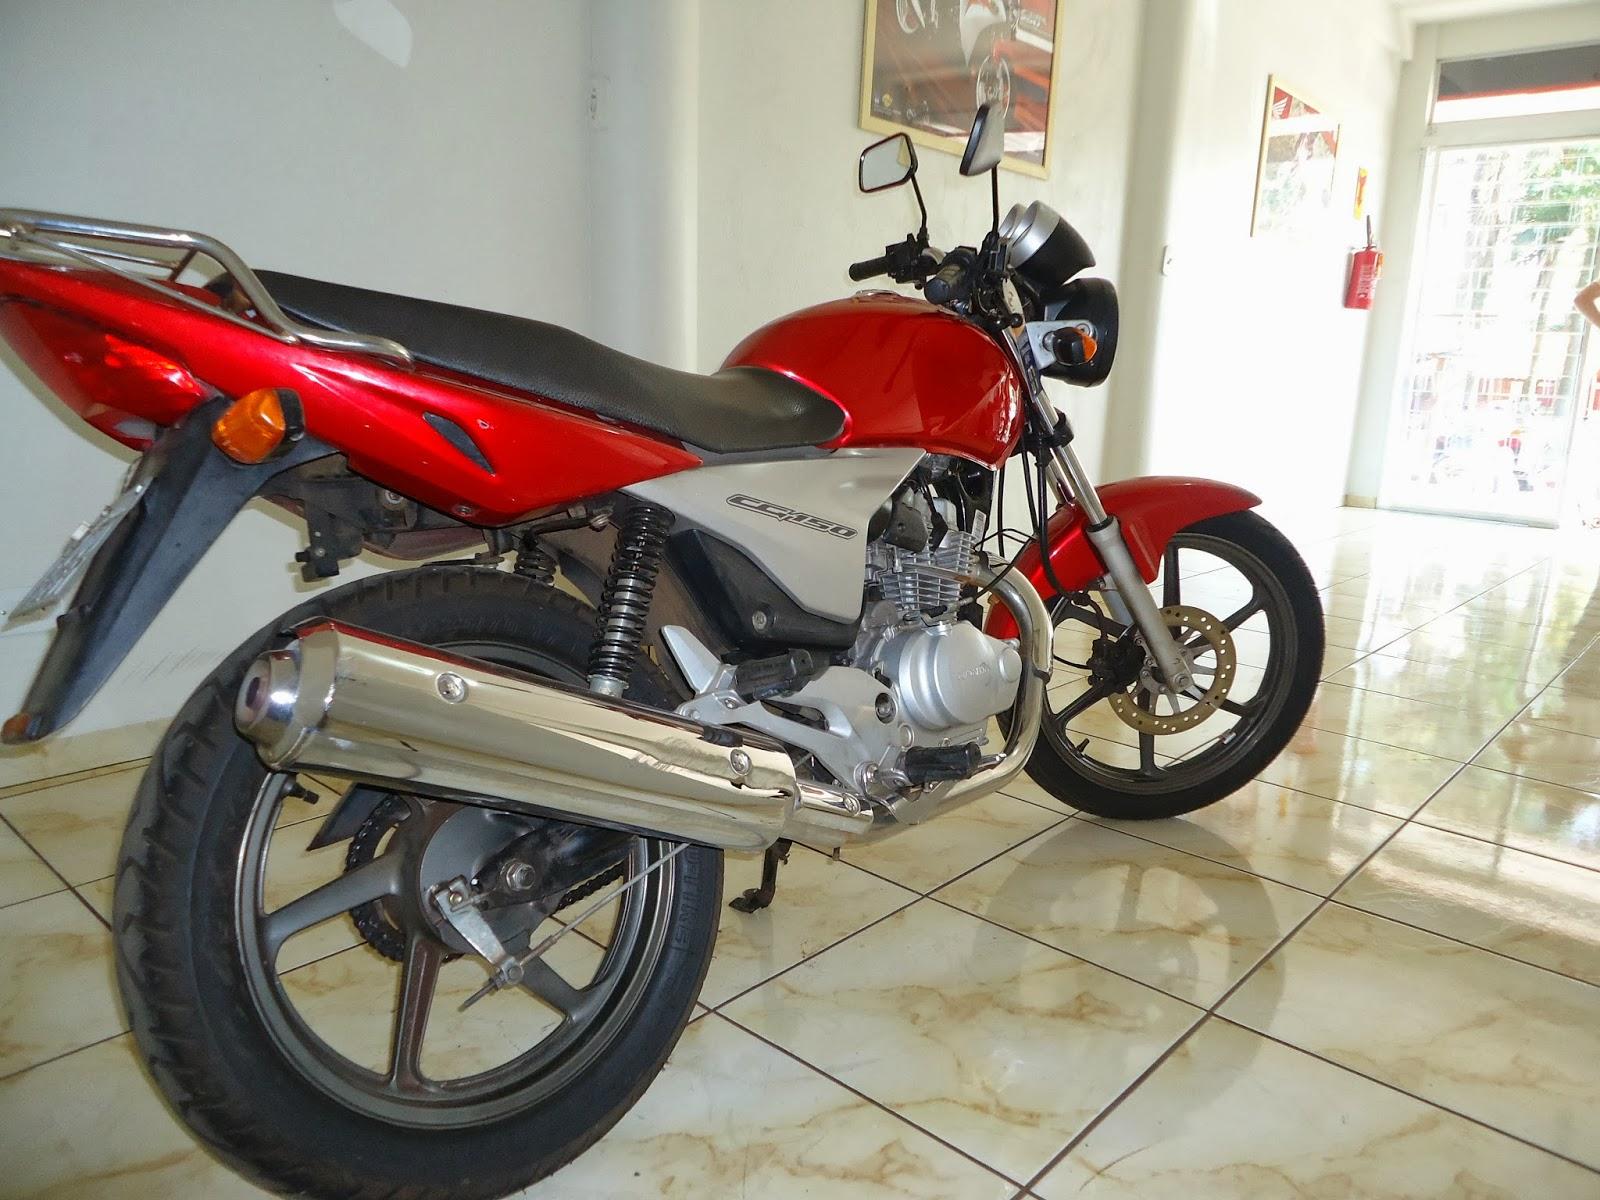 Honda Cg 150 Titan 2020 0 Km - Ams - $ 152.600 en Mercado